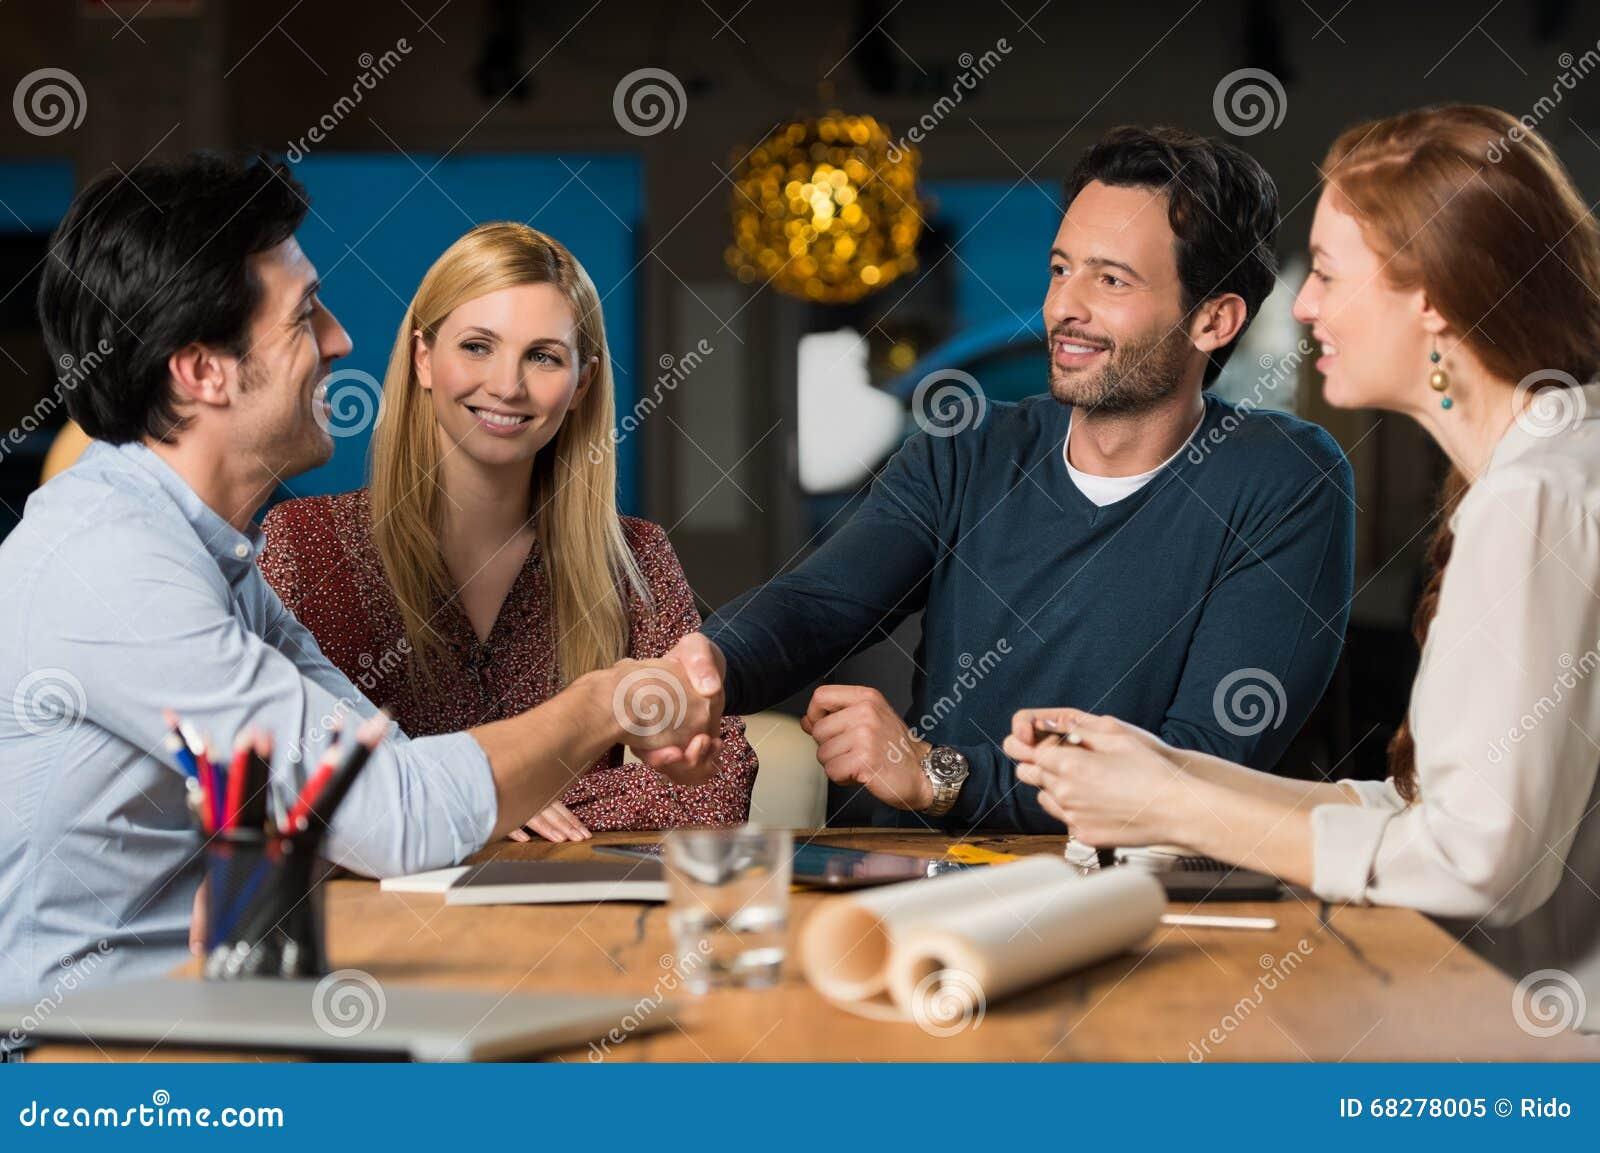 Händedruck nachdem dem Treffen